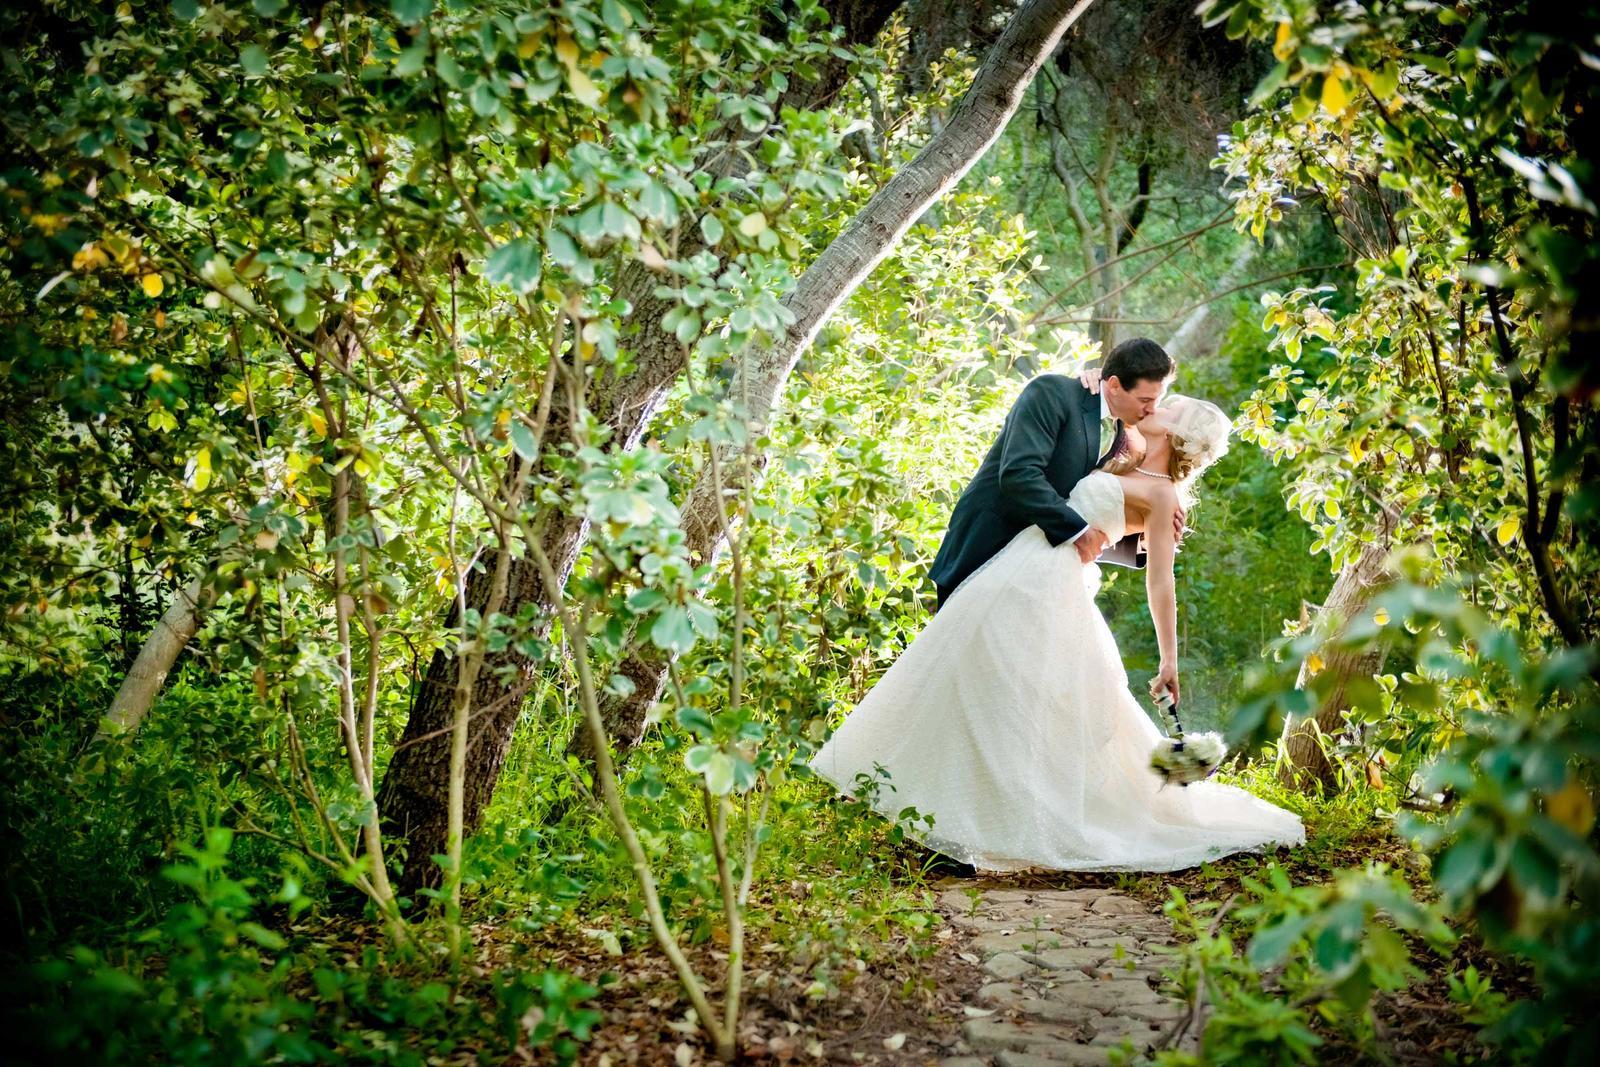 Inšpirácie pre svadobné fotenie v prírode - Obrázok č. 7